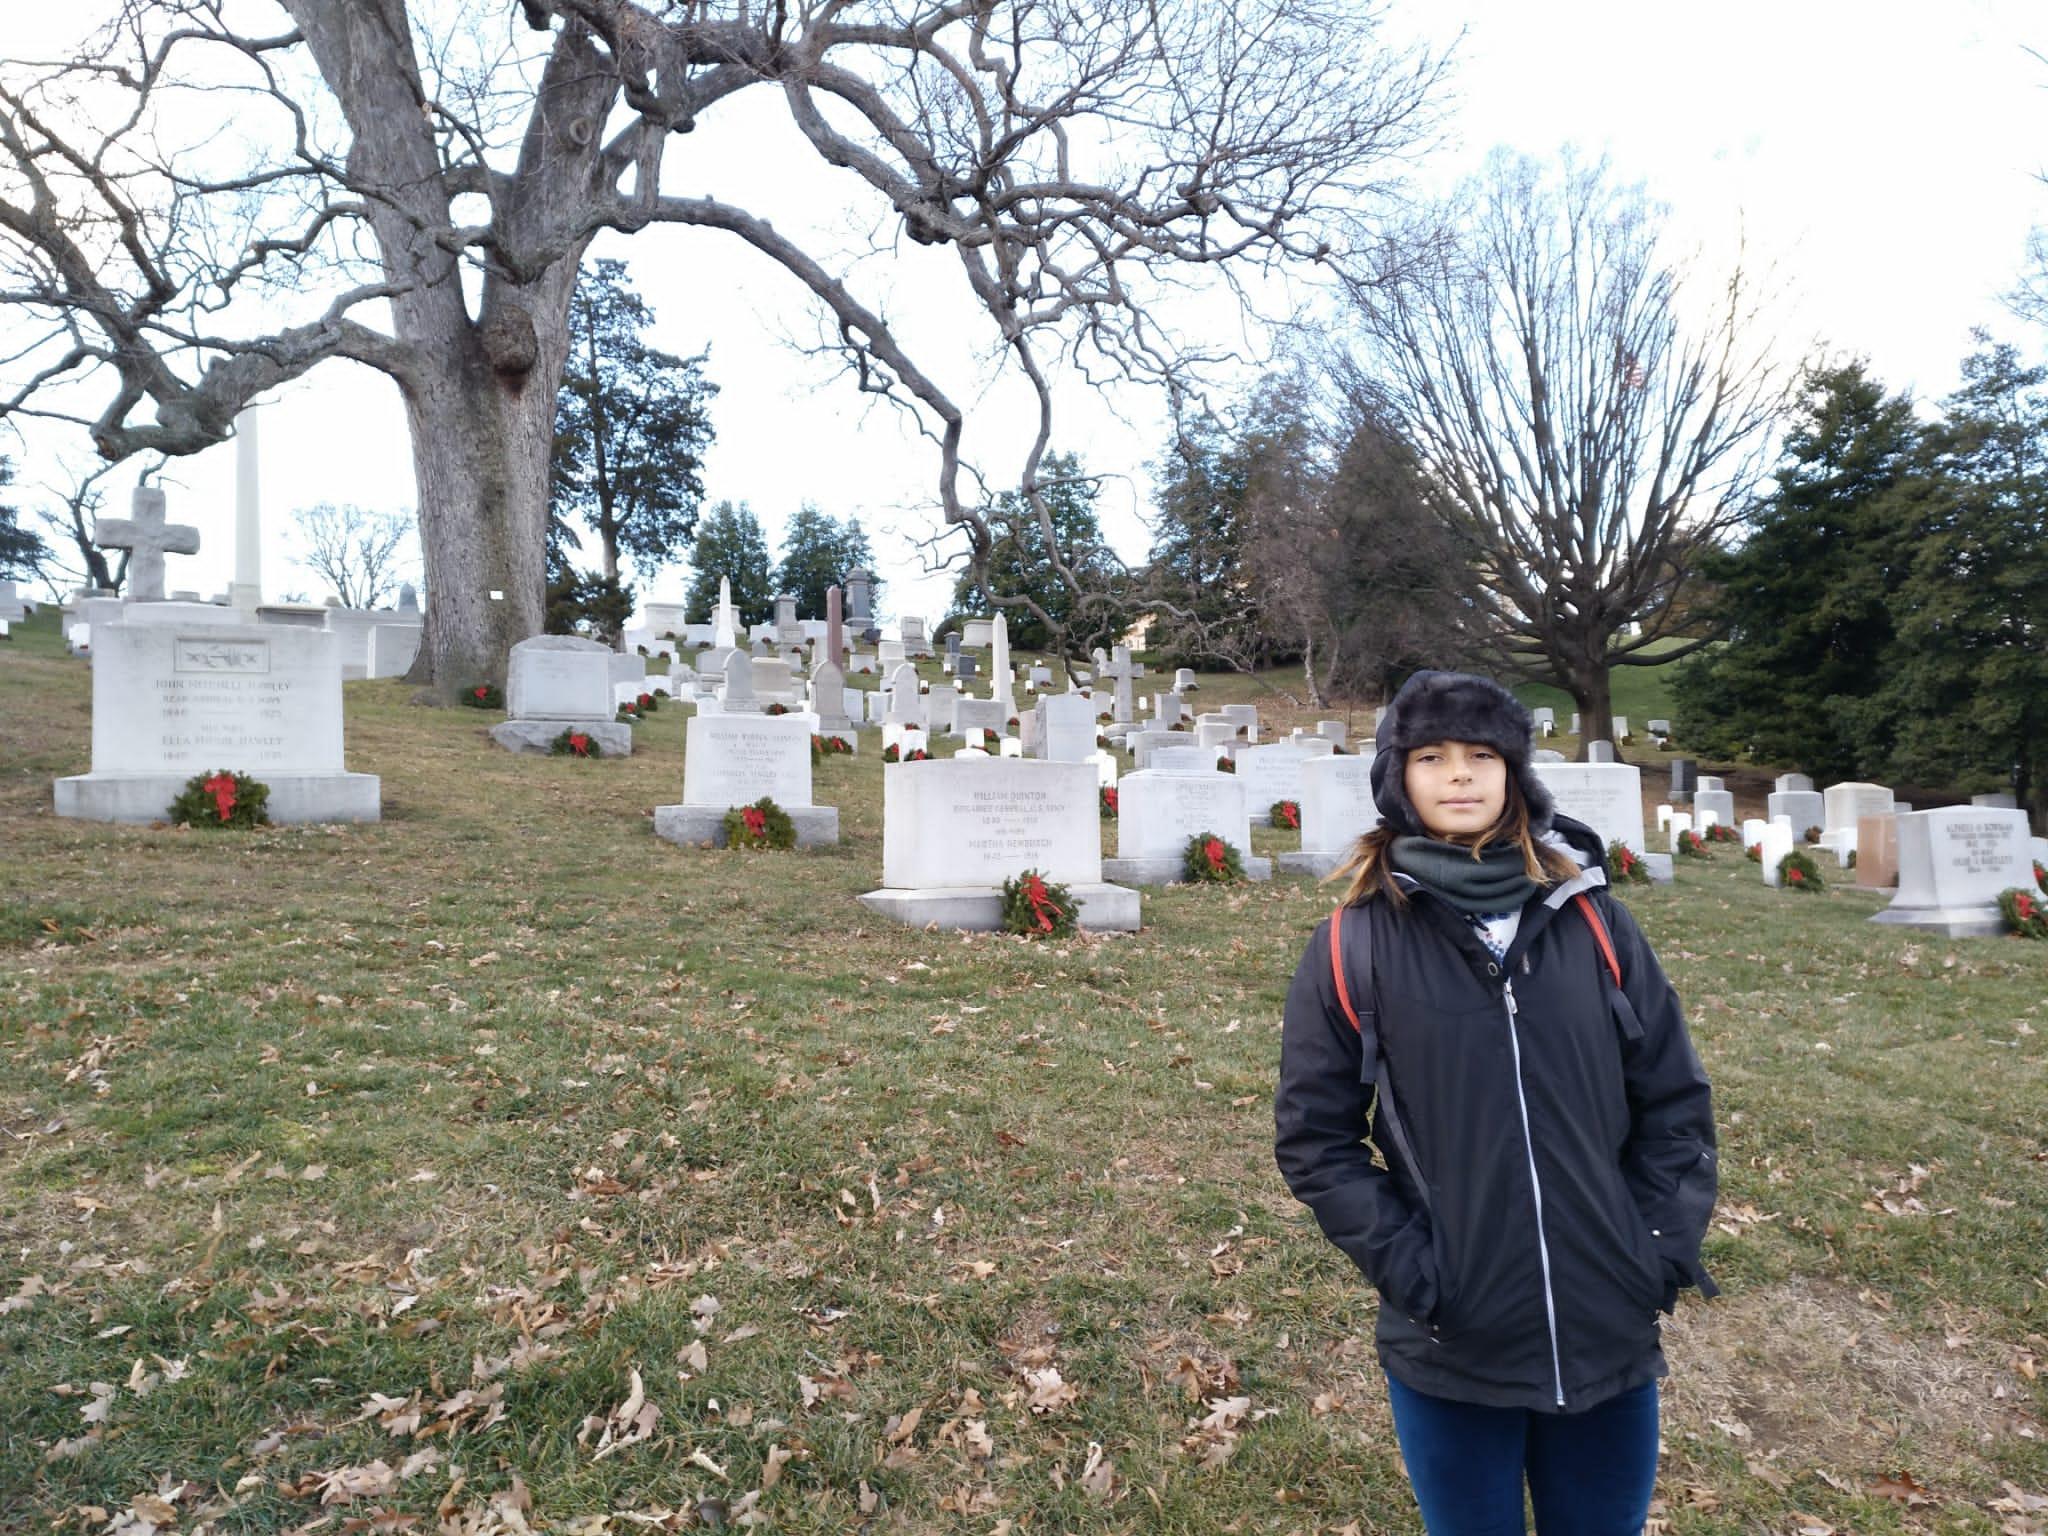 tumbas - cementerio - arbol - arlington